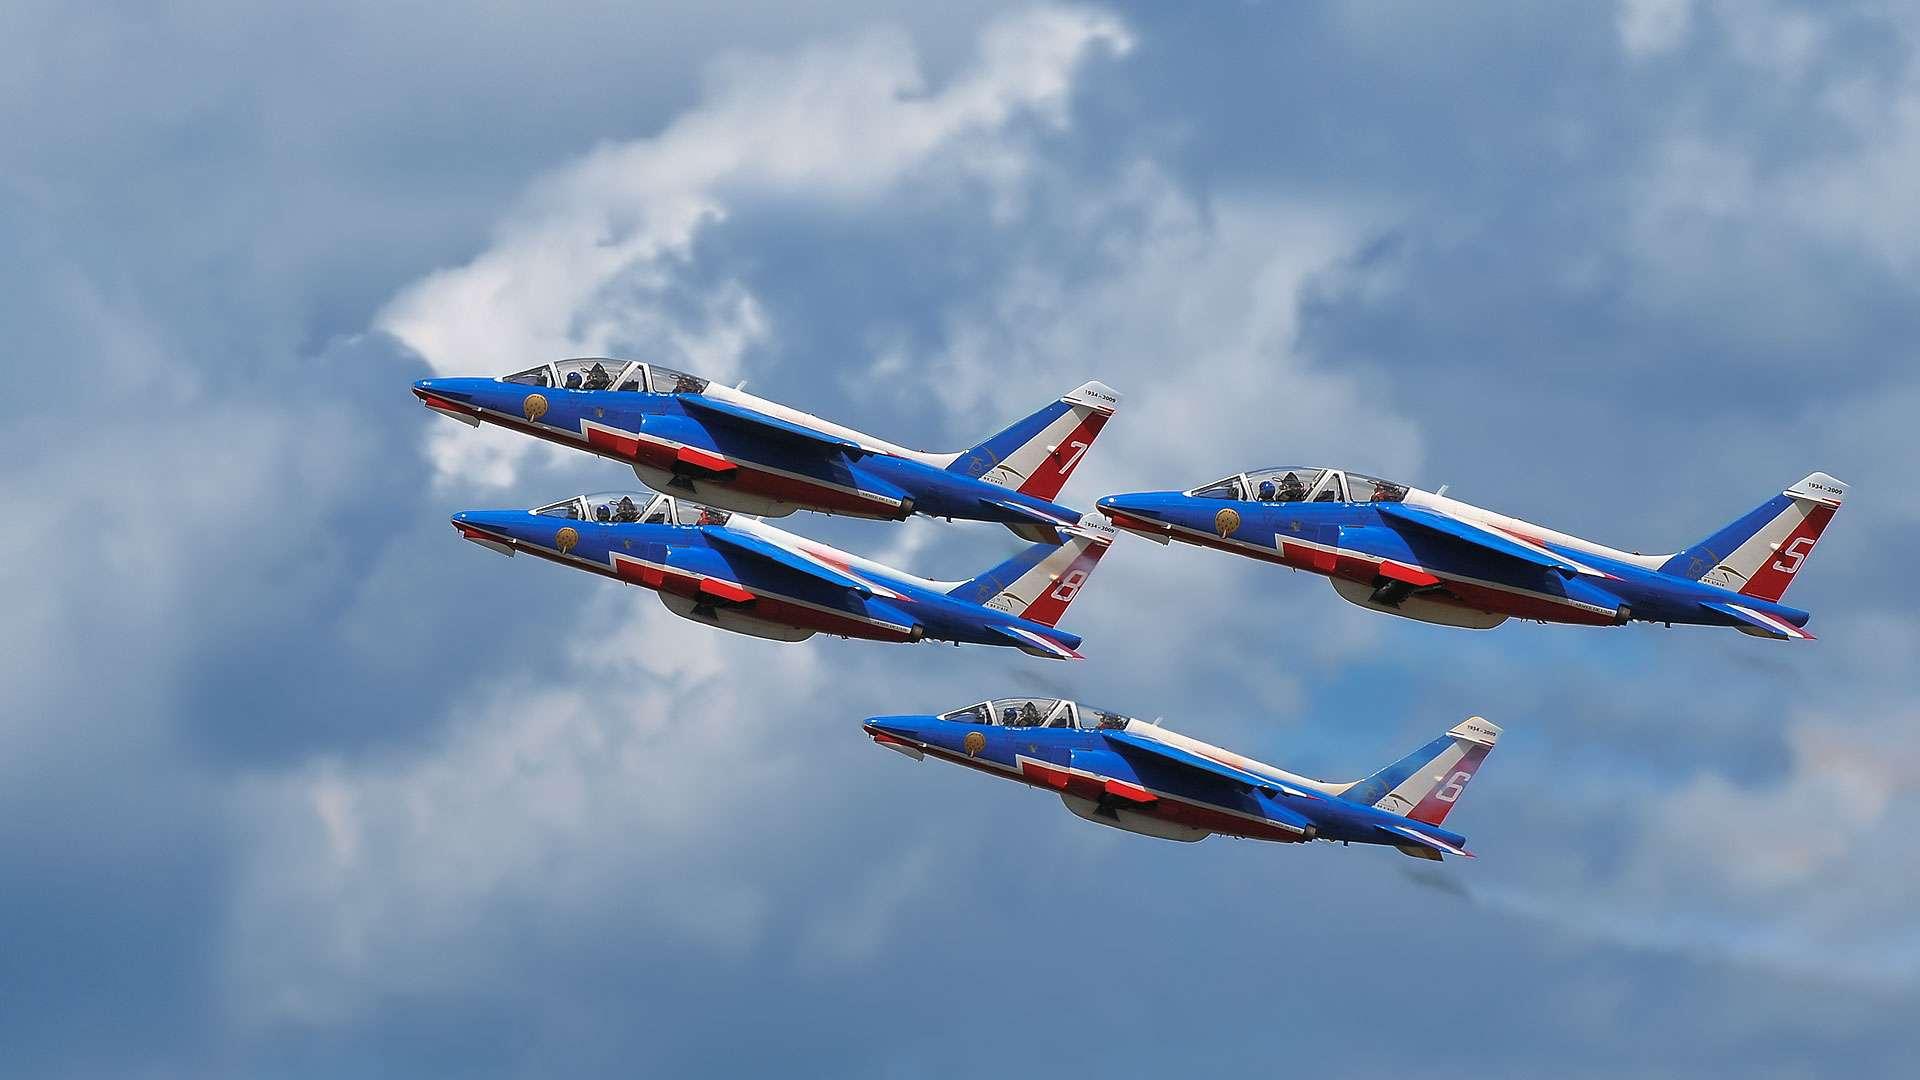 La Patrouille de France se produira à nouveau au Salon du Bourget cette année. © Archangel12, CC By-NC 2.0